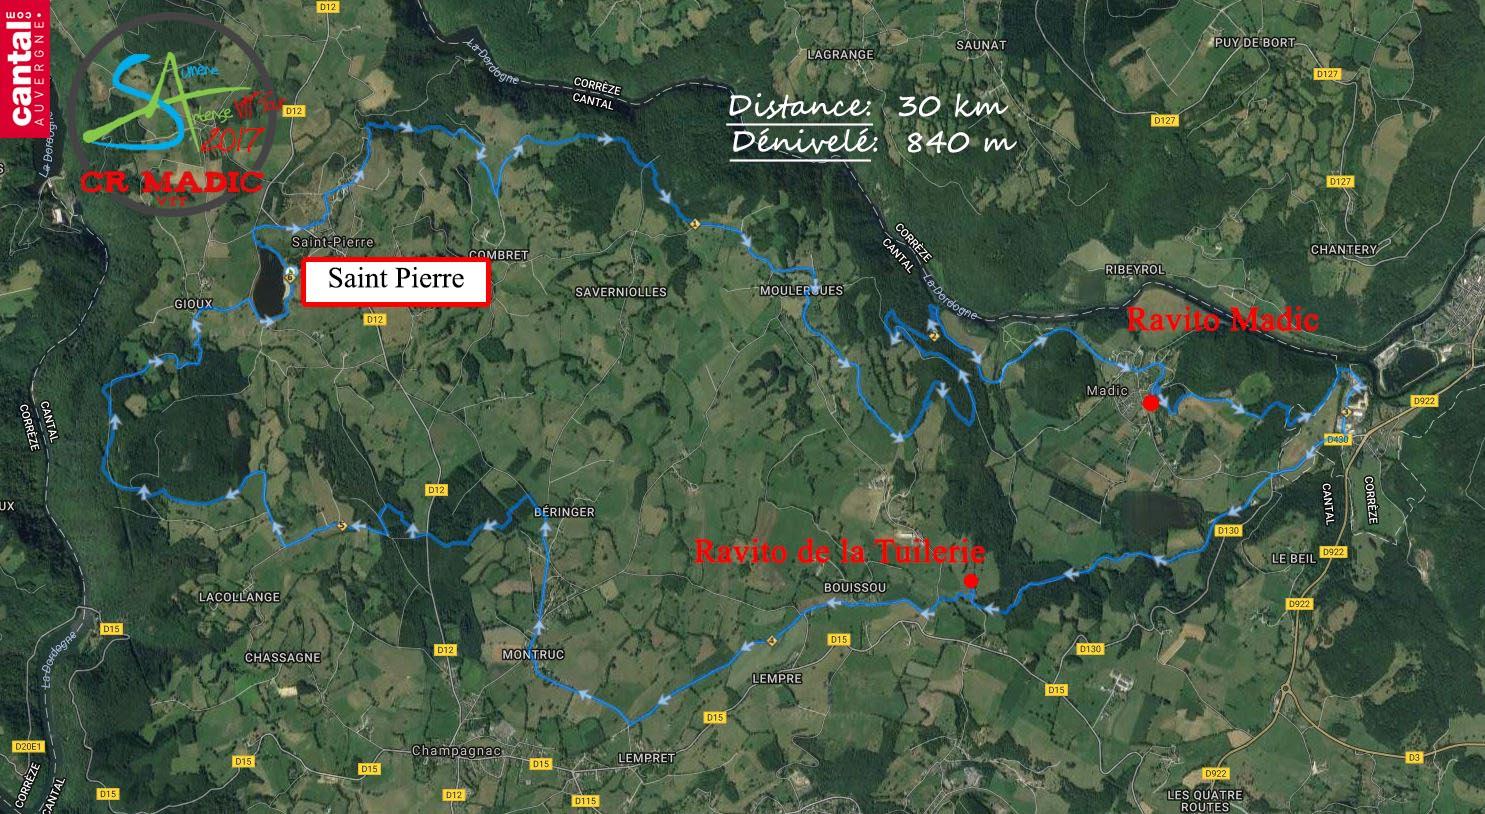 2017 savtt tour 30 km parcours